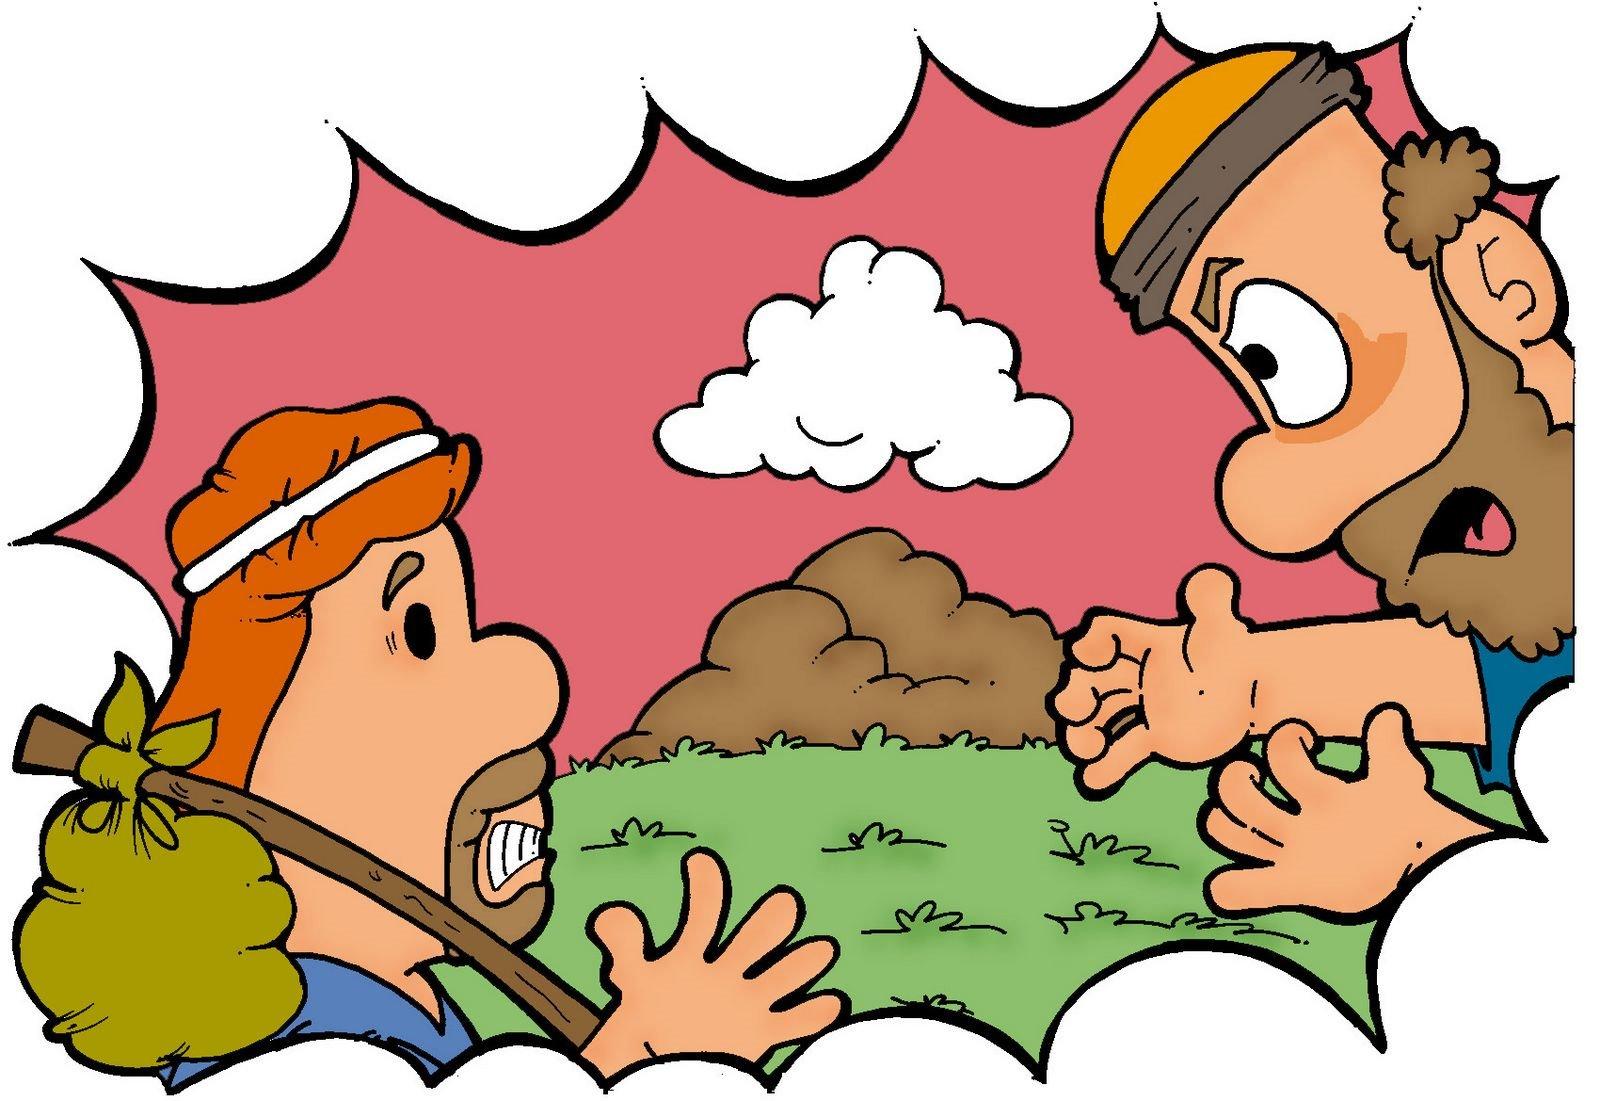 ilustraÇÕes coloridas para a parÁbola o bom samaritano cantinho do